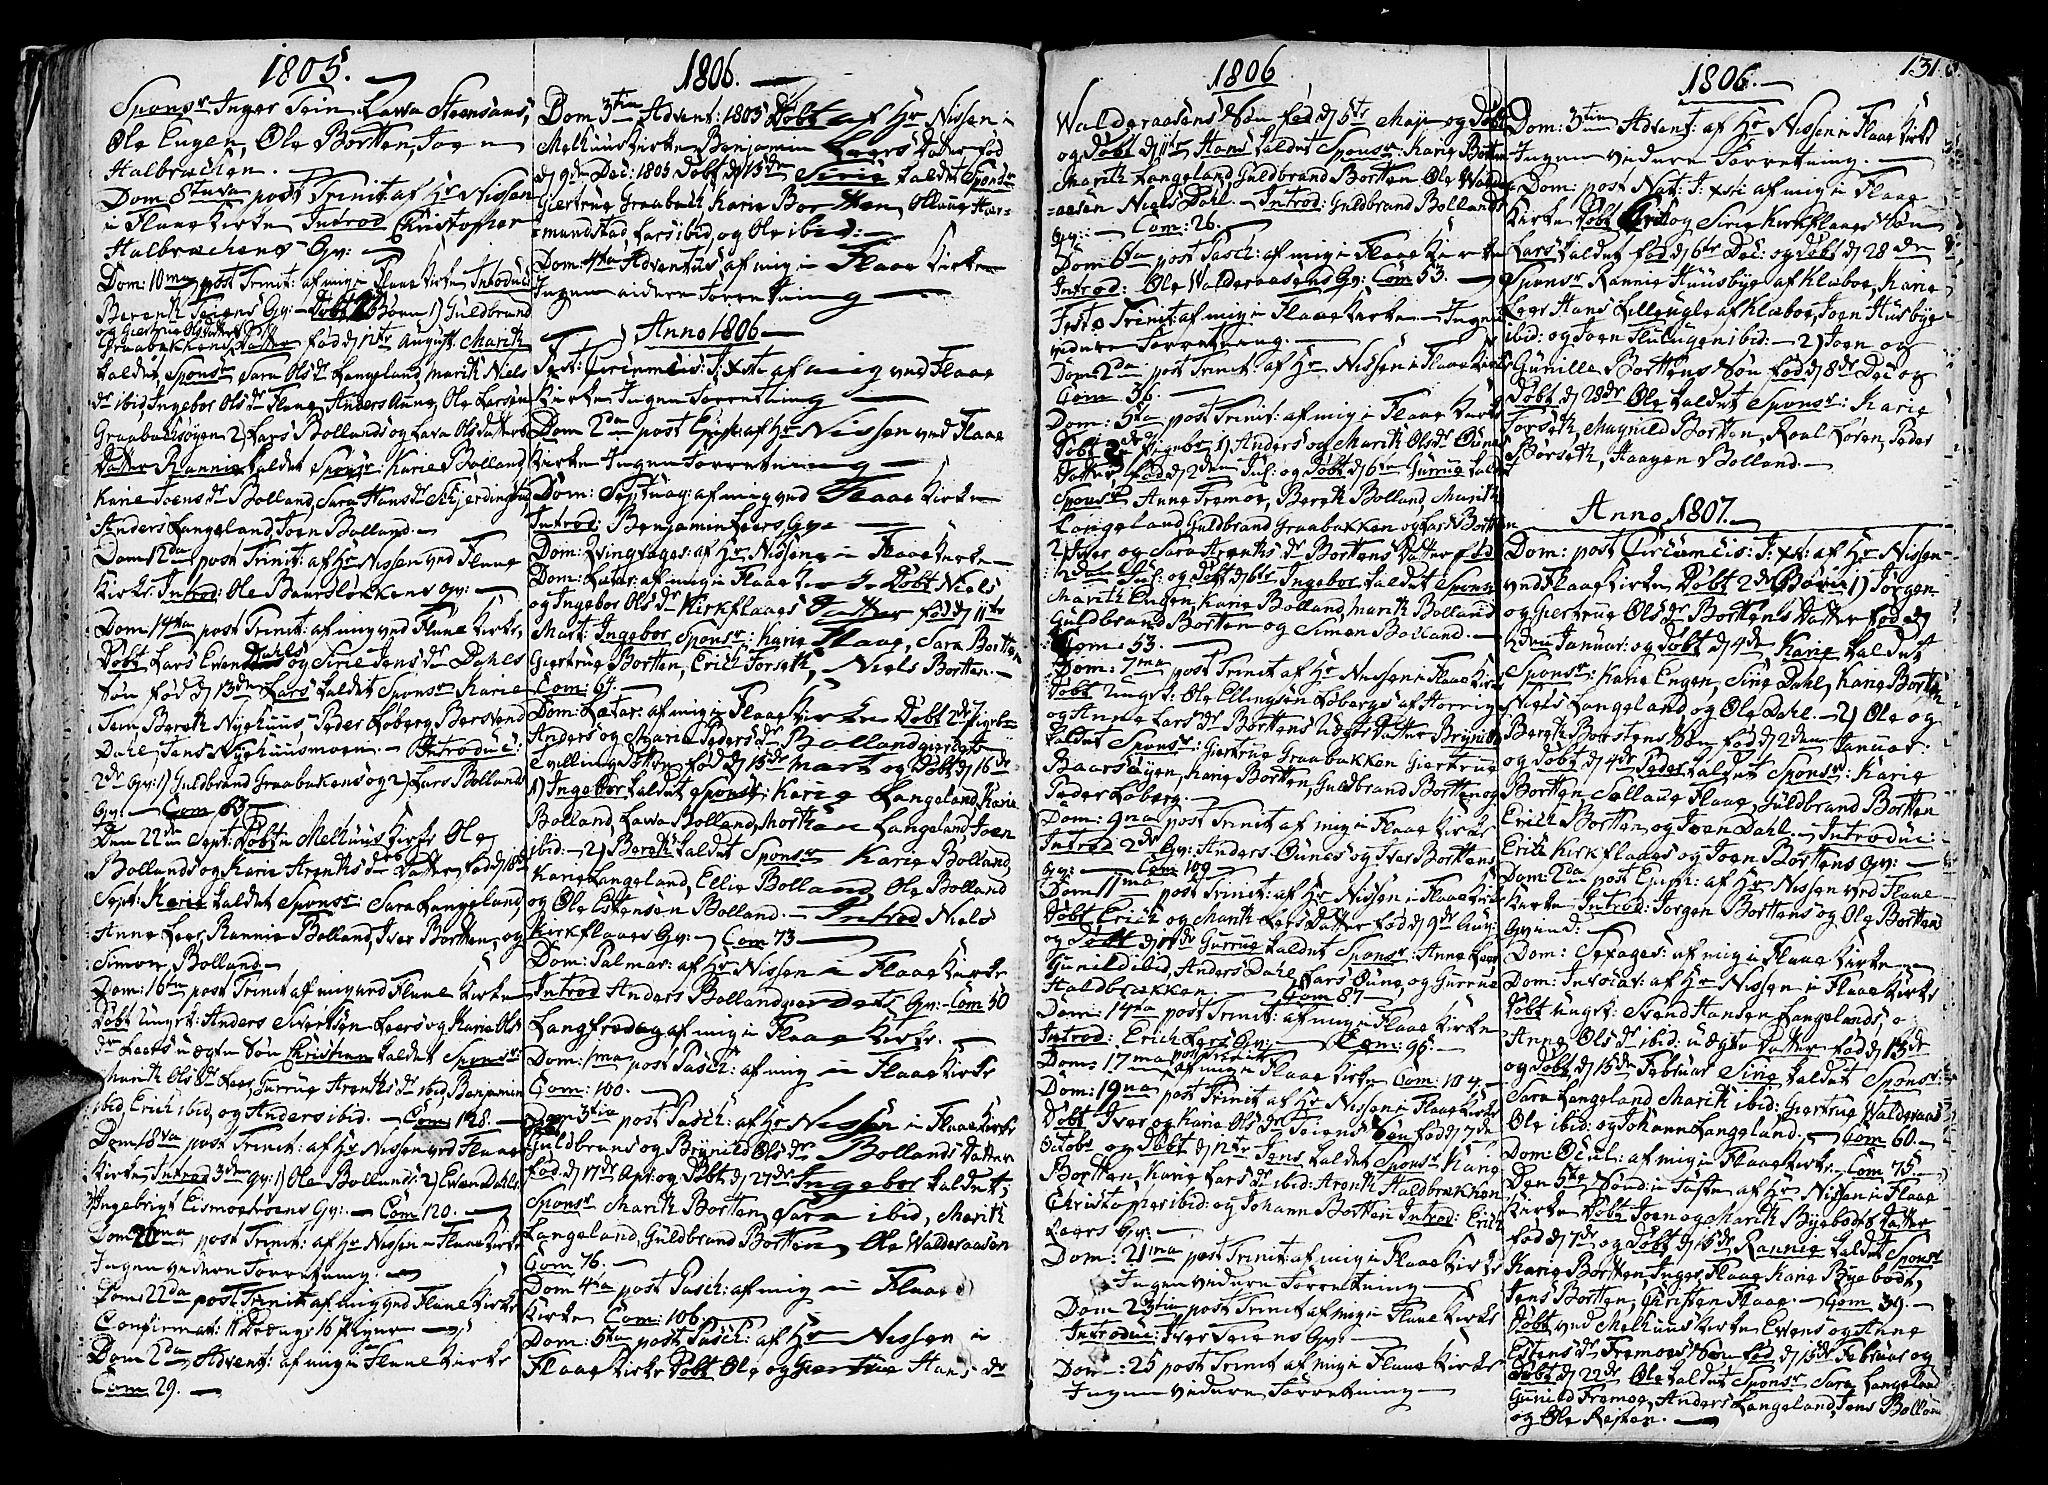 SAT, Ministerialprotokoller, klokkerbøker og fødselsregistre - Sør-Trøndelag, 691/L1062: Ministerialbok nr. 691A02 /2, 1768-1815, s. 131